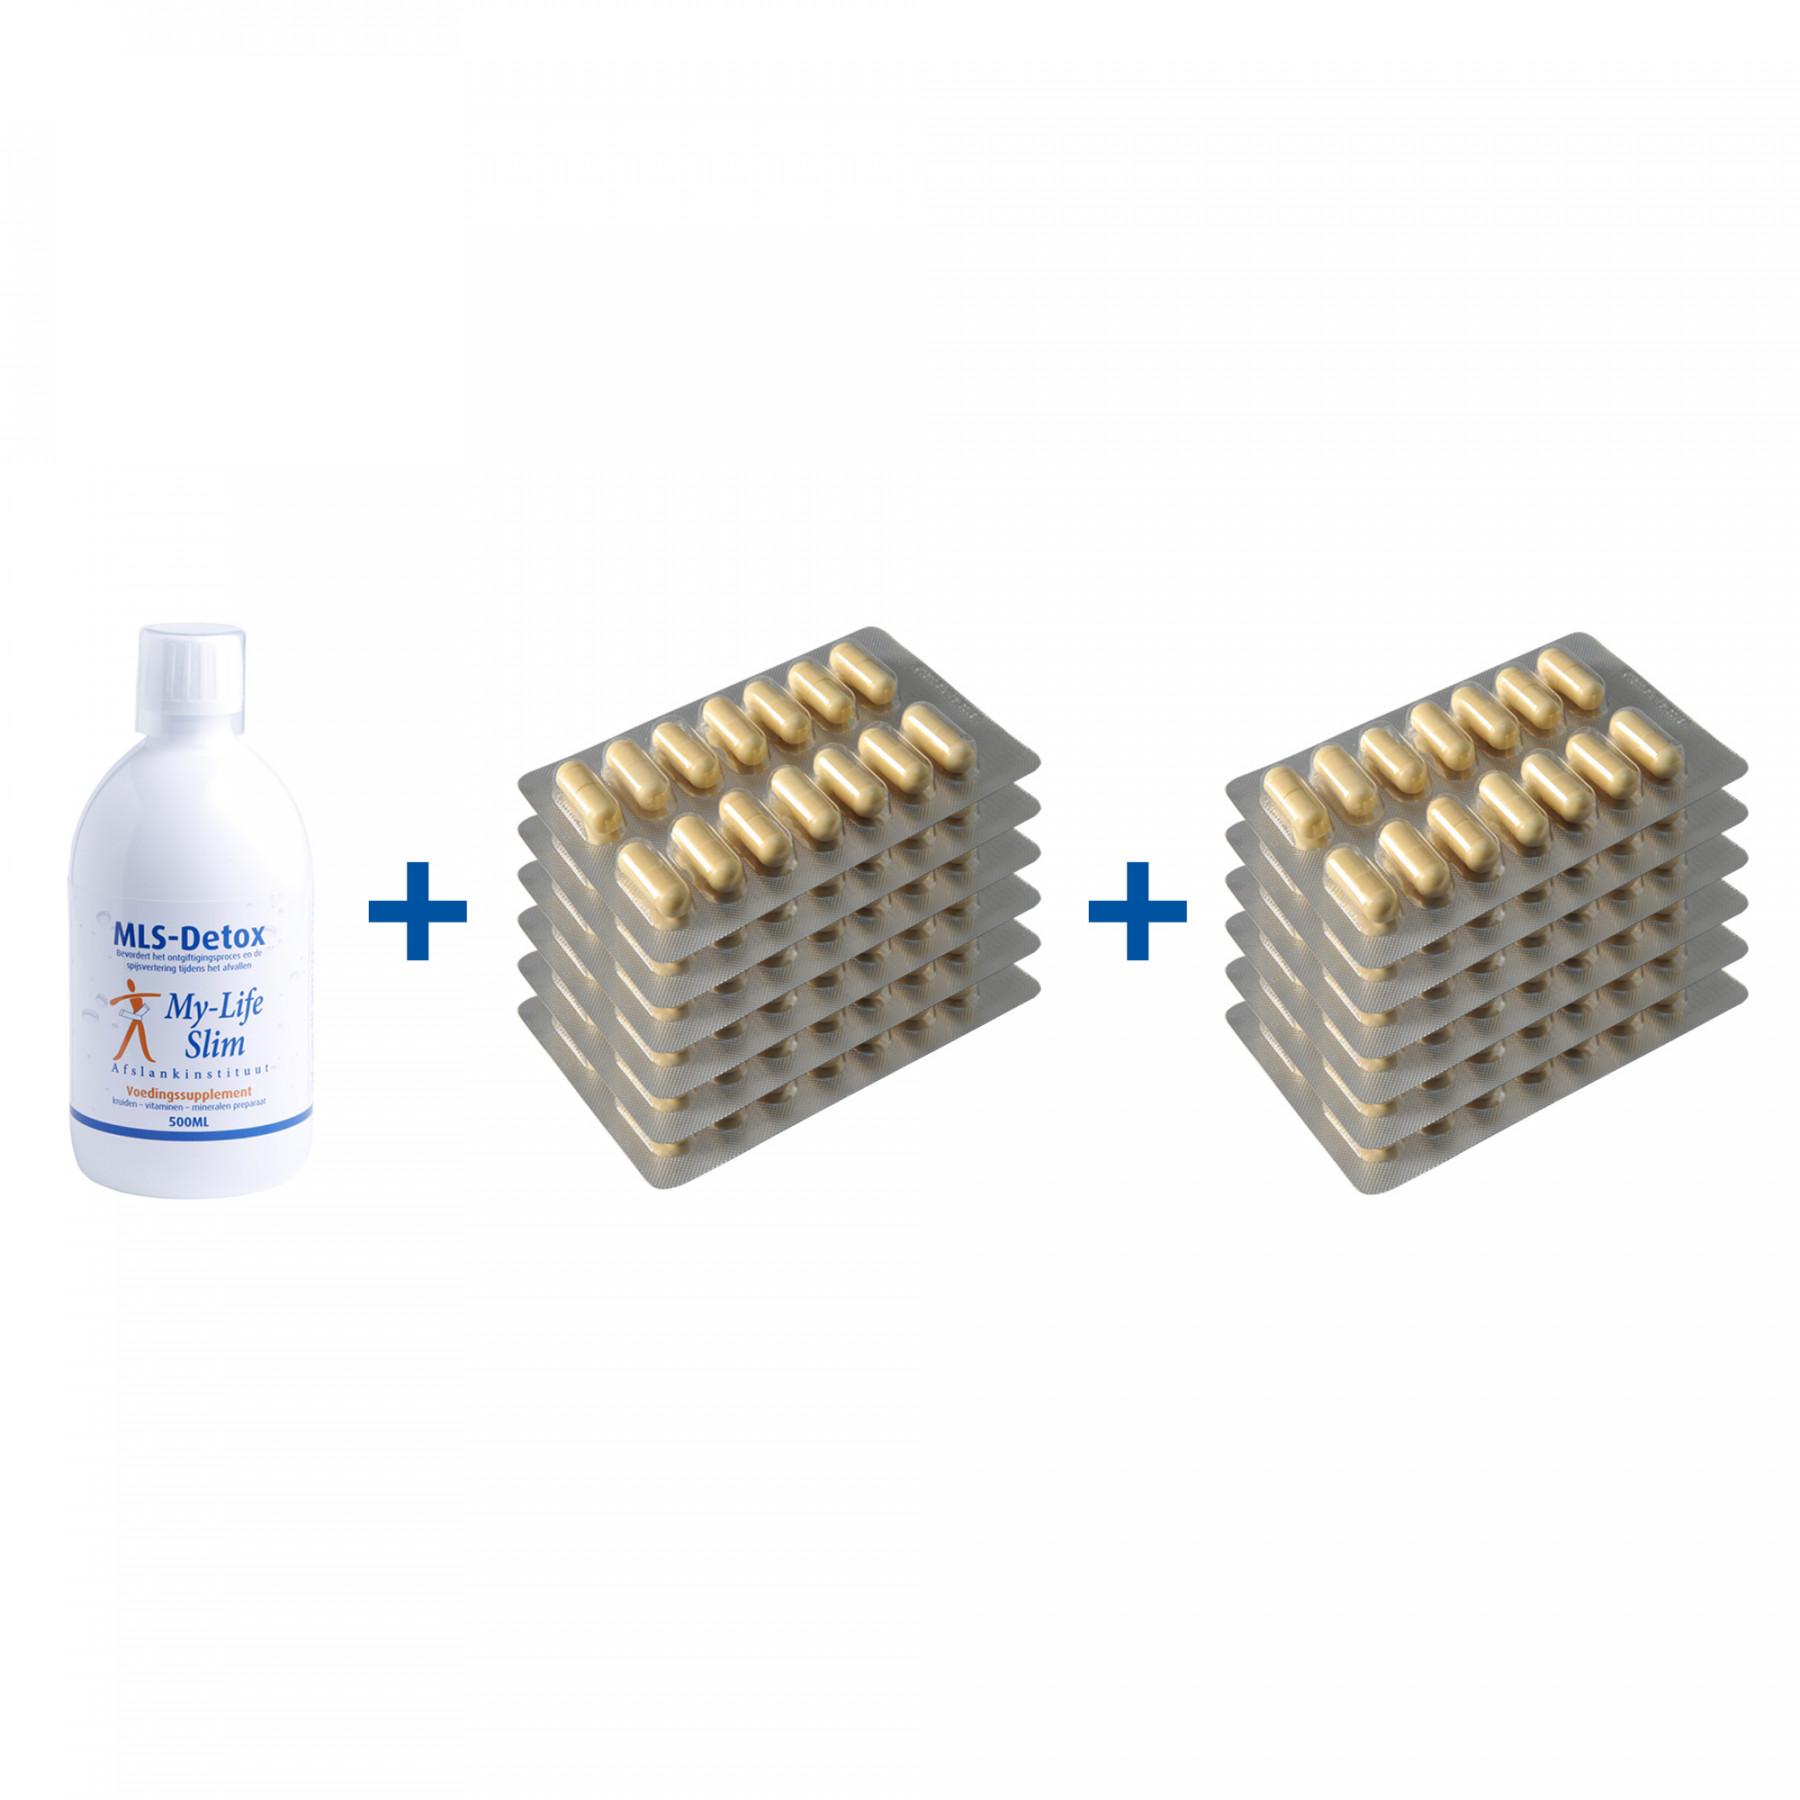 Duurzaam-pakket BMI 30 of hoger, 12 strips Restore voor 4 weken, MLS-Detox